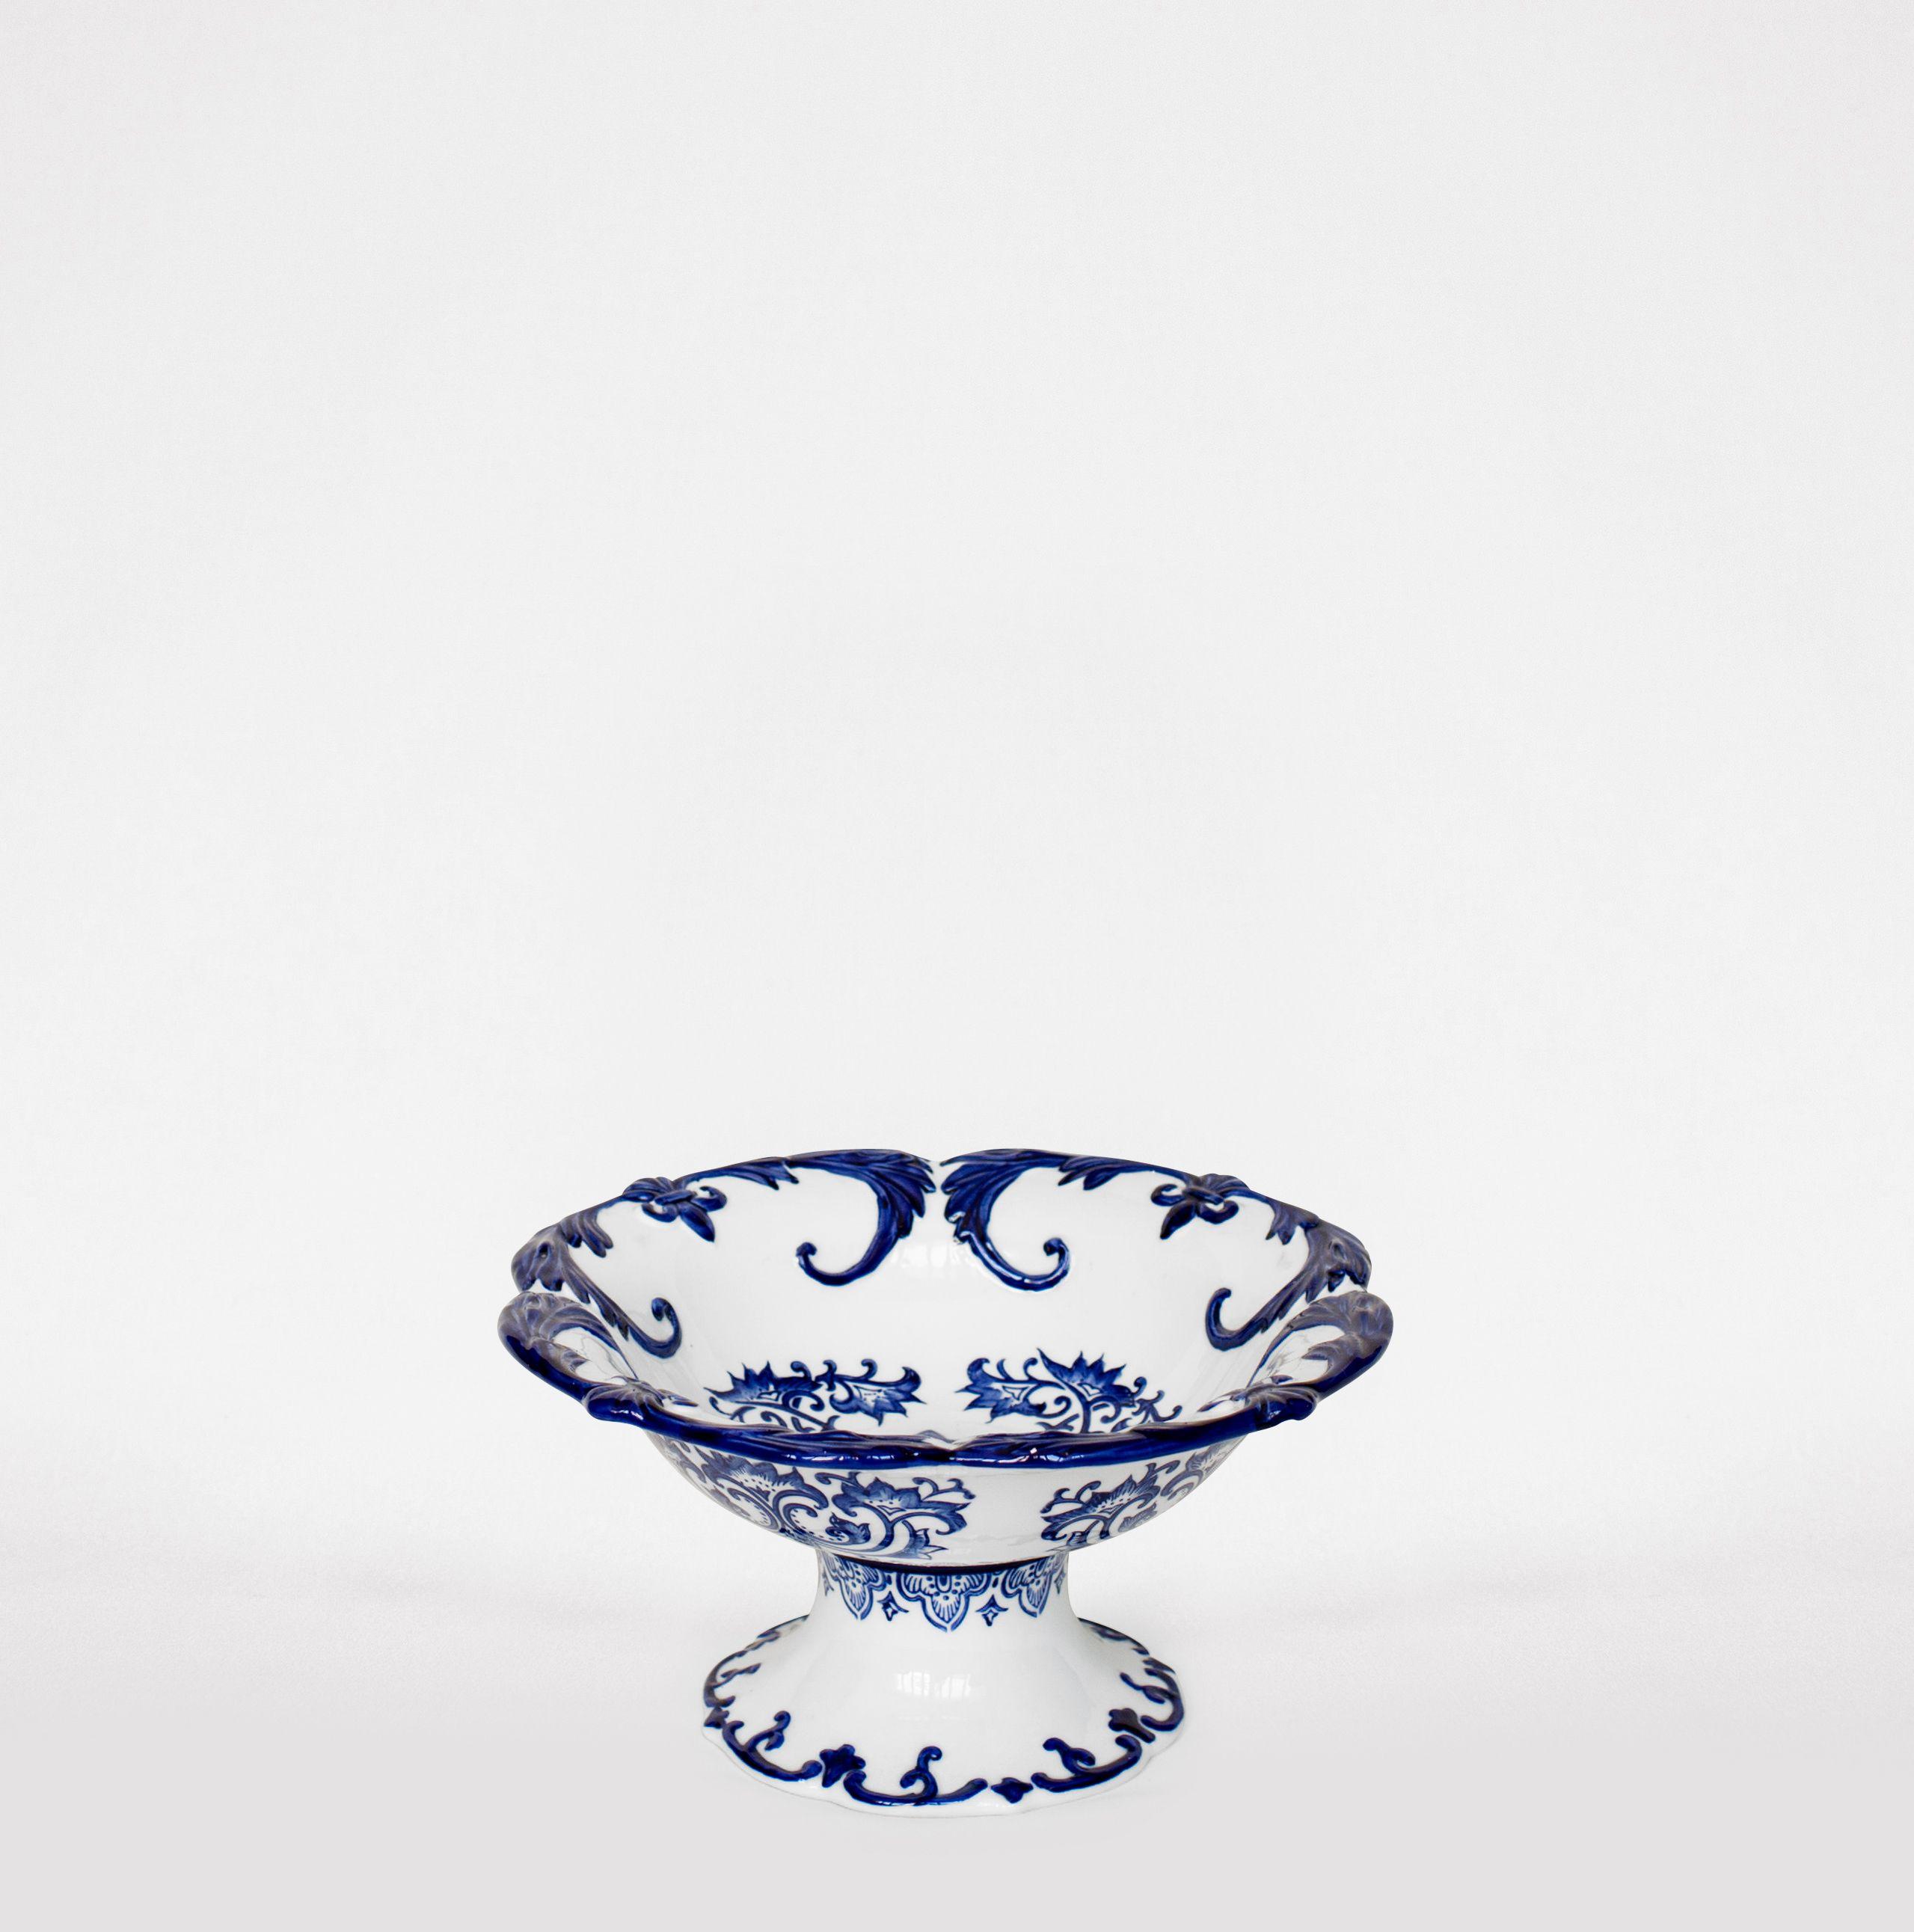 Bandeja de porcelana Shaghai ref 2052